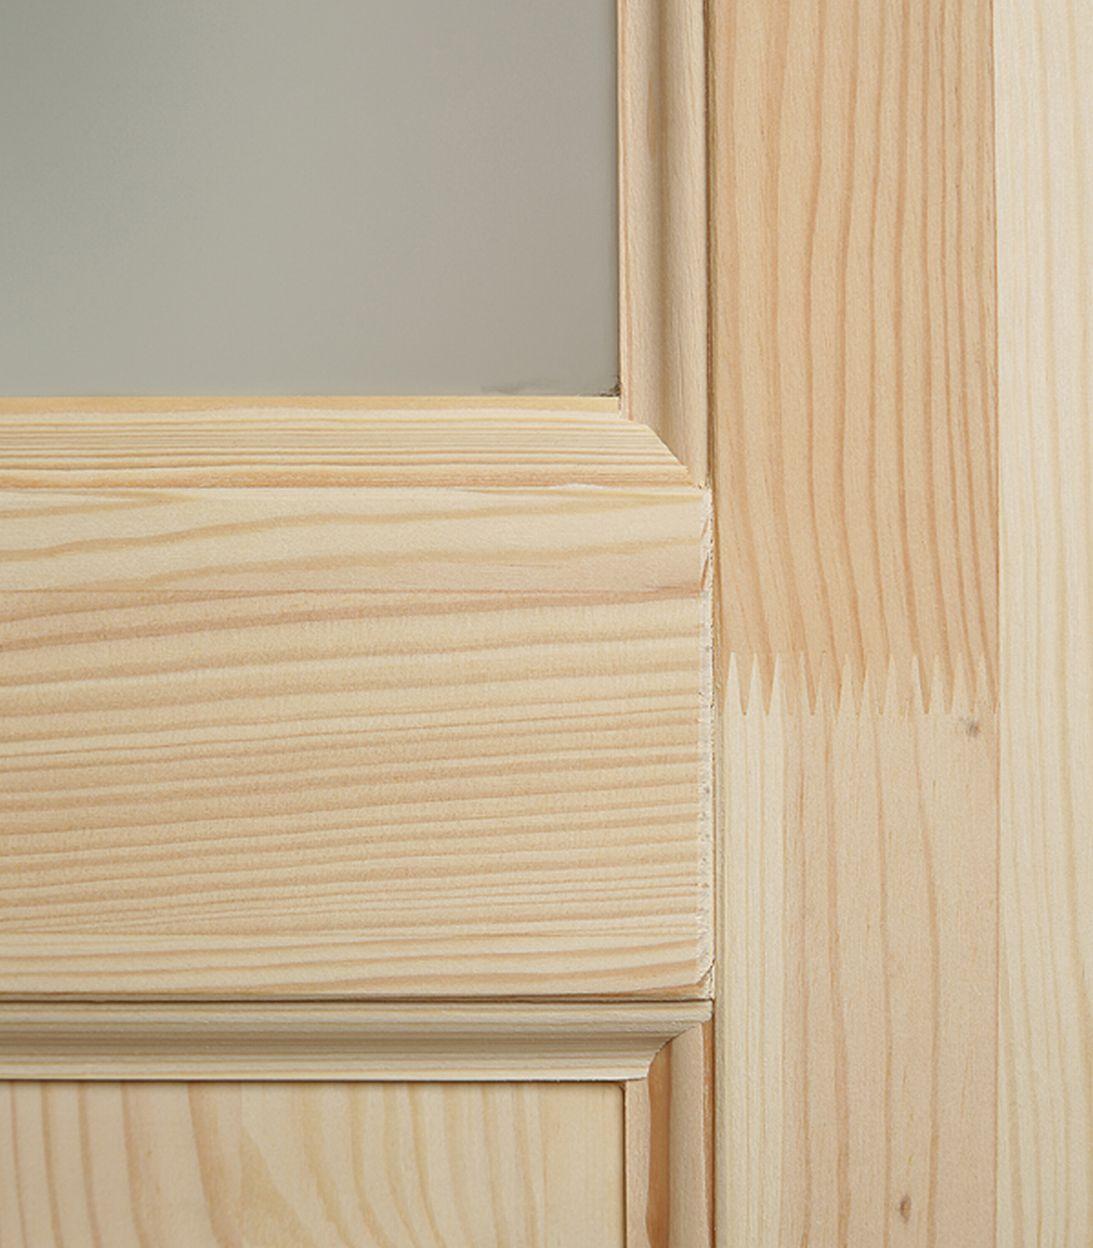 Дверное полотно РЖЕВДОРС 4310 Сатинато со стеклом массив без покрытия 600x2000 мм фото